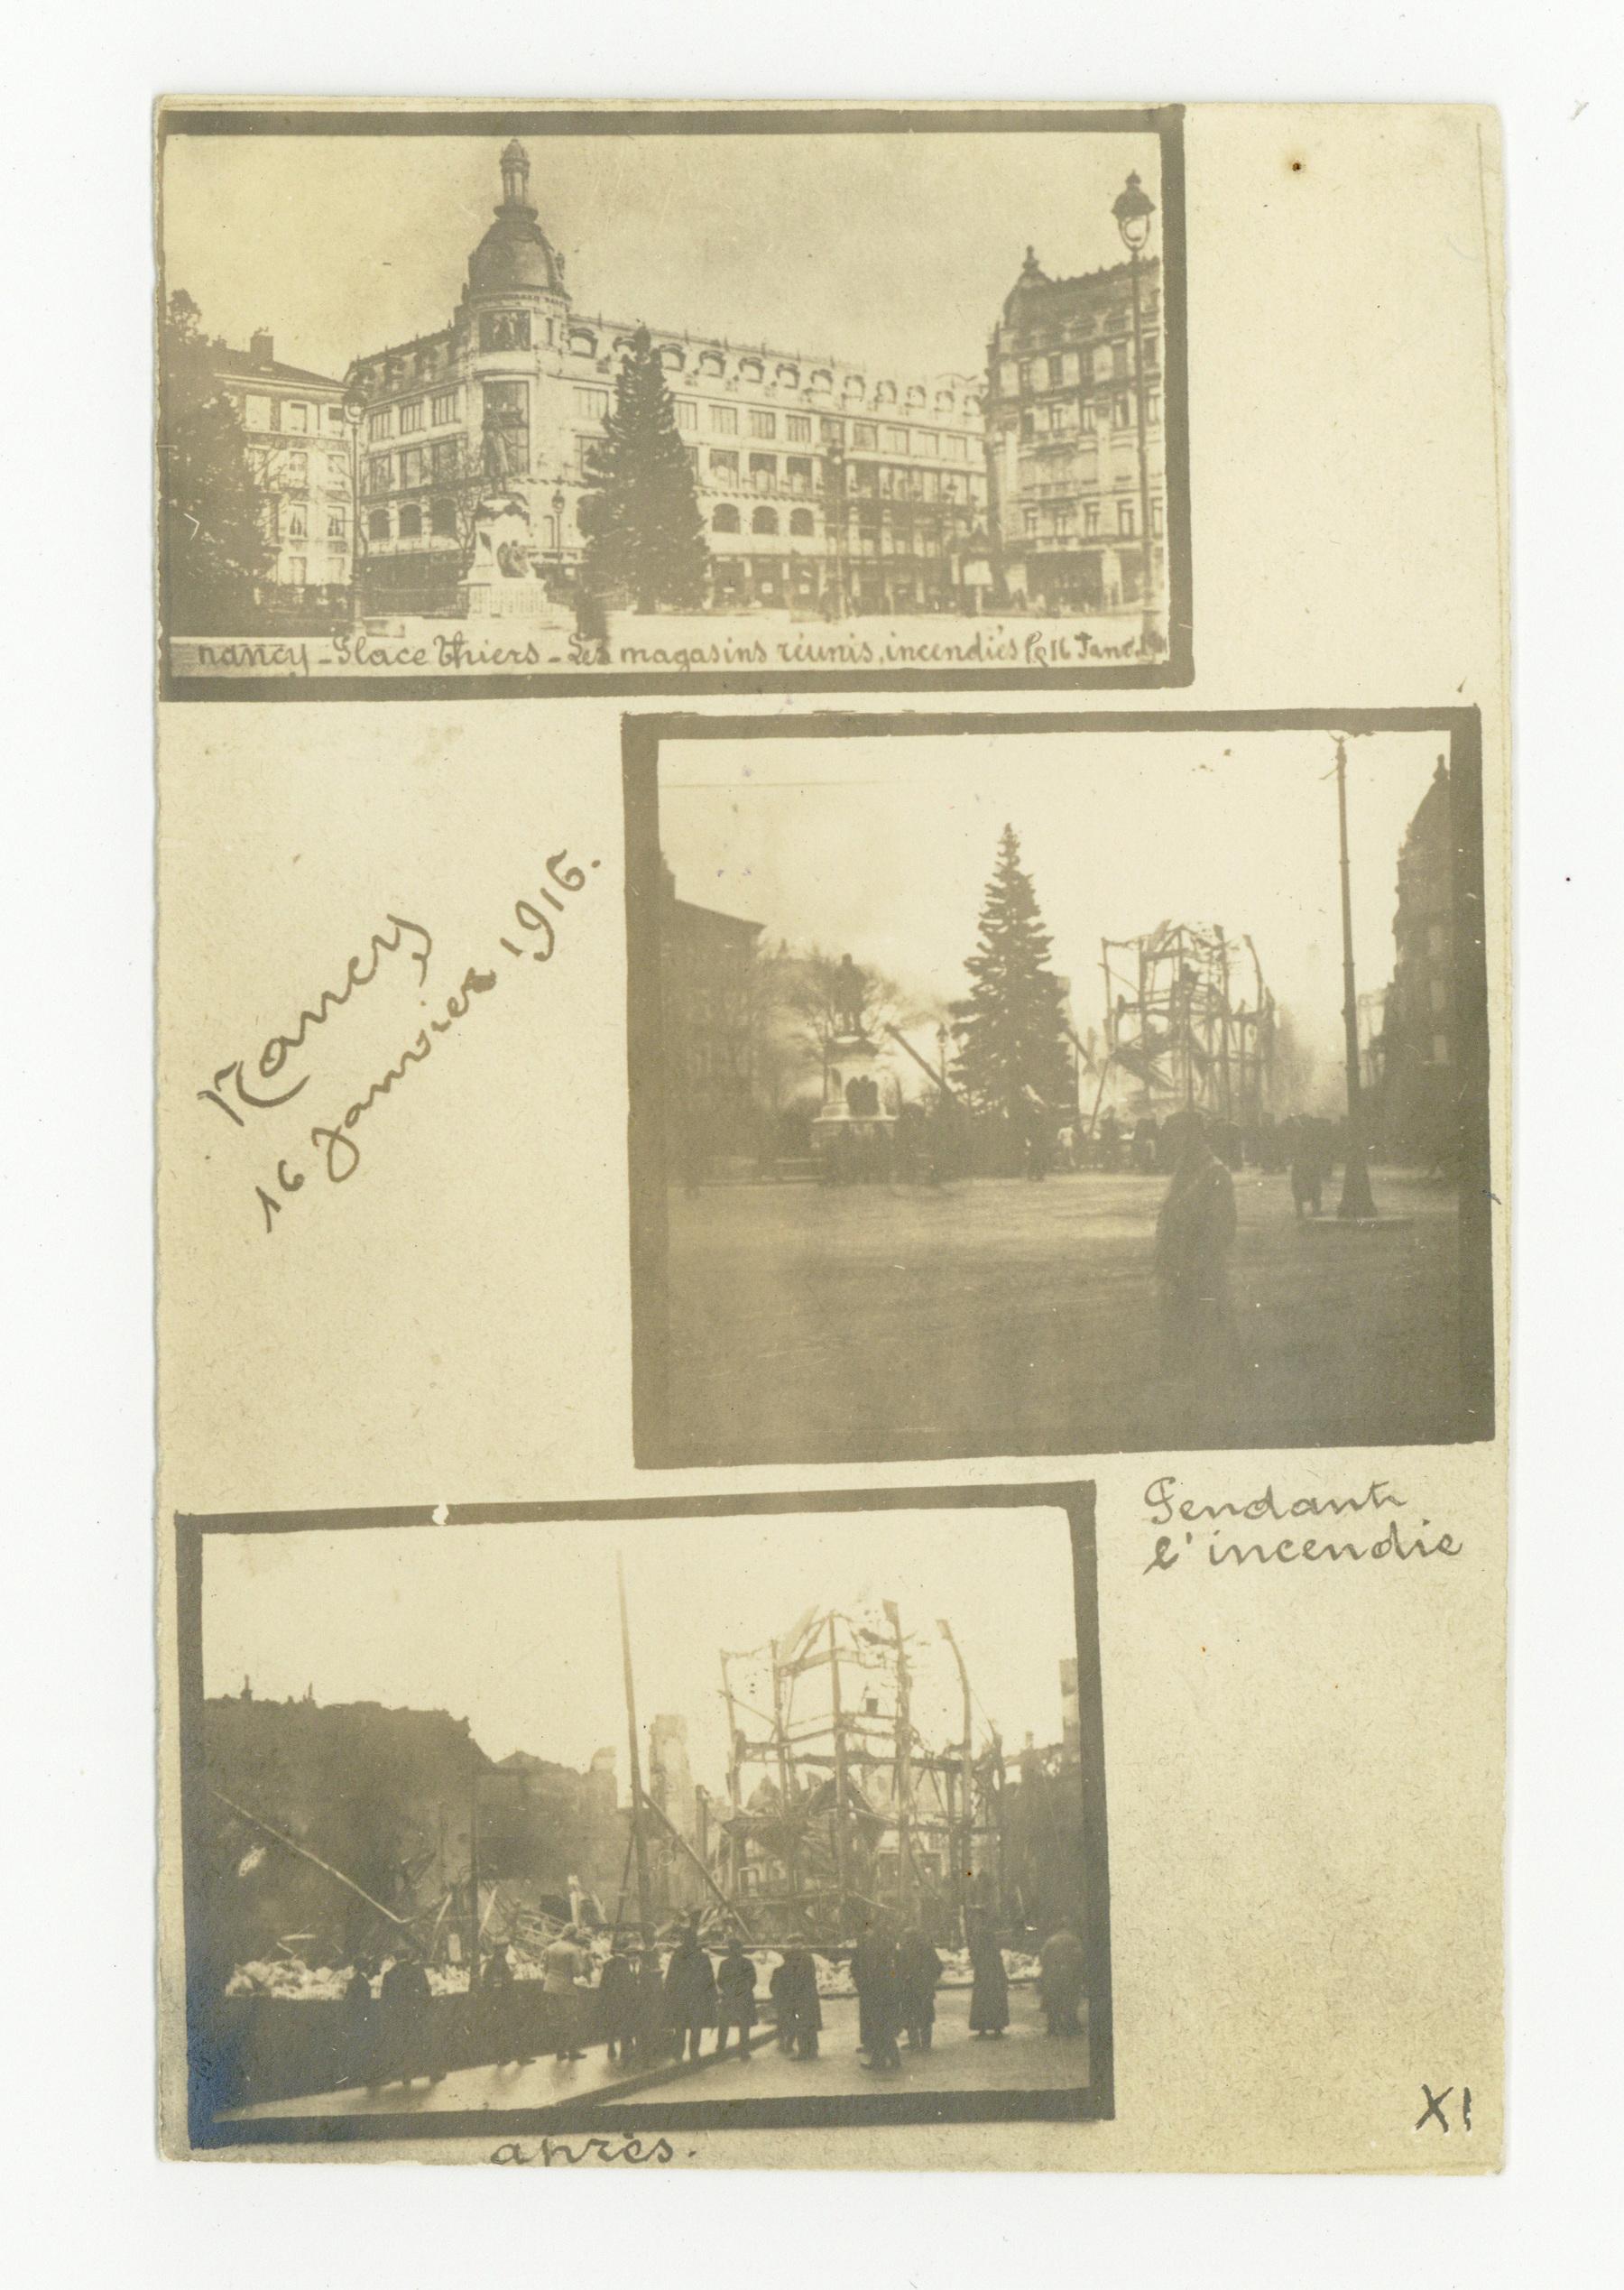 Contenu du Les magasins réunis incendiés le 16 janv 1916.